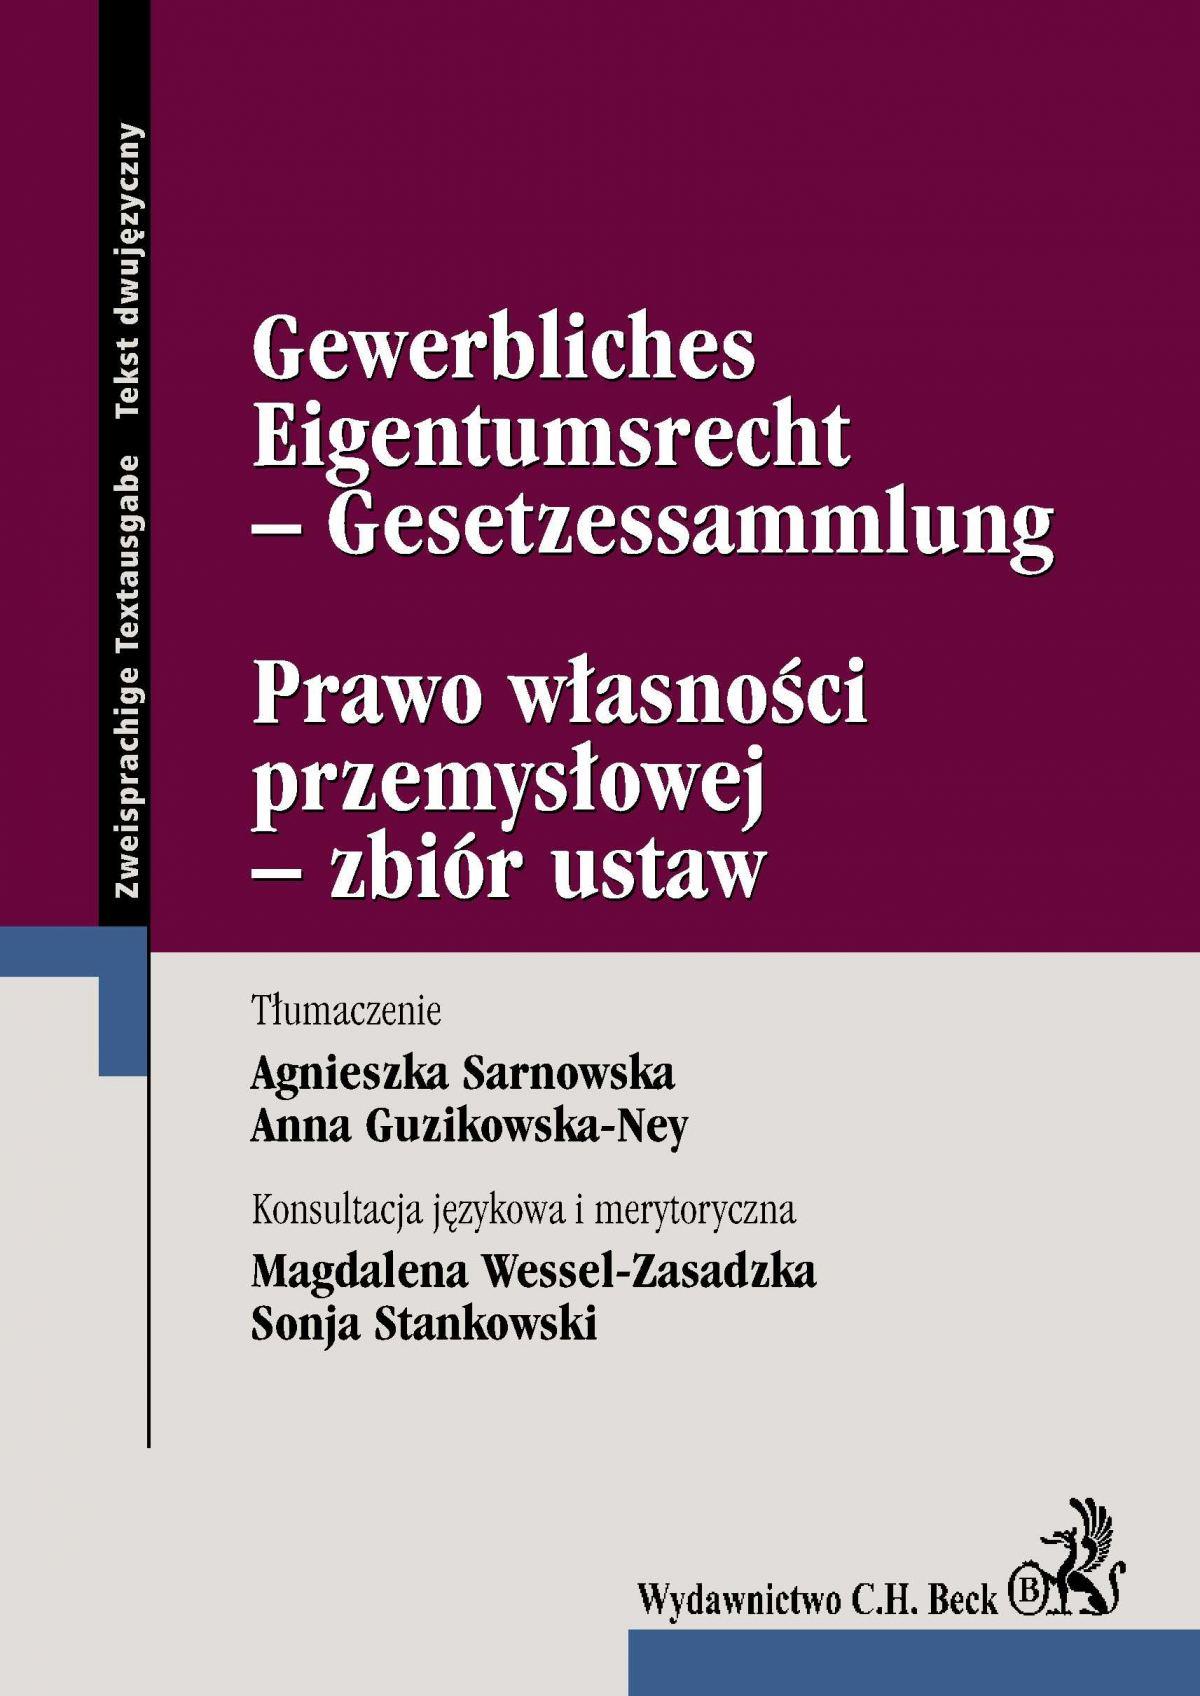 Prawo własności przemysłowej - zbiór ustaw Gewerbliches Eigentumsrecht - Gesetzessammlung - Ebook (Książka PDF) do pobrania w formacie PDF